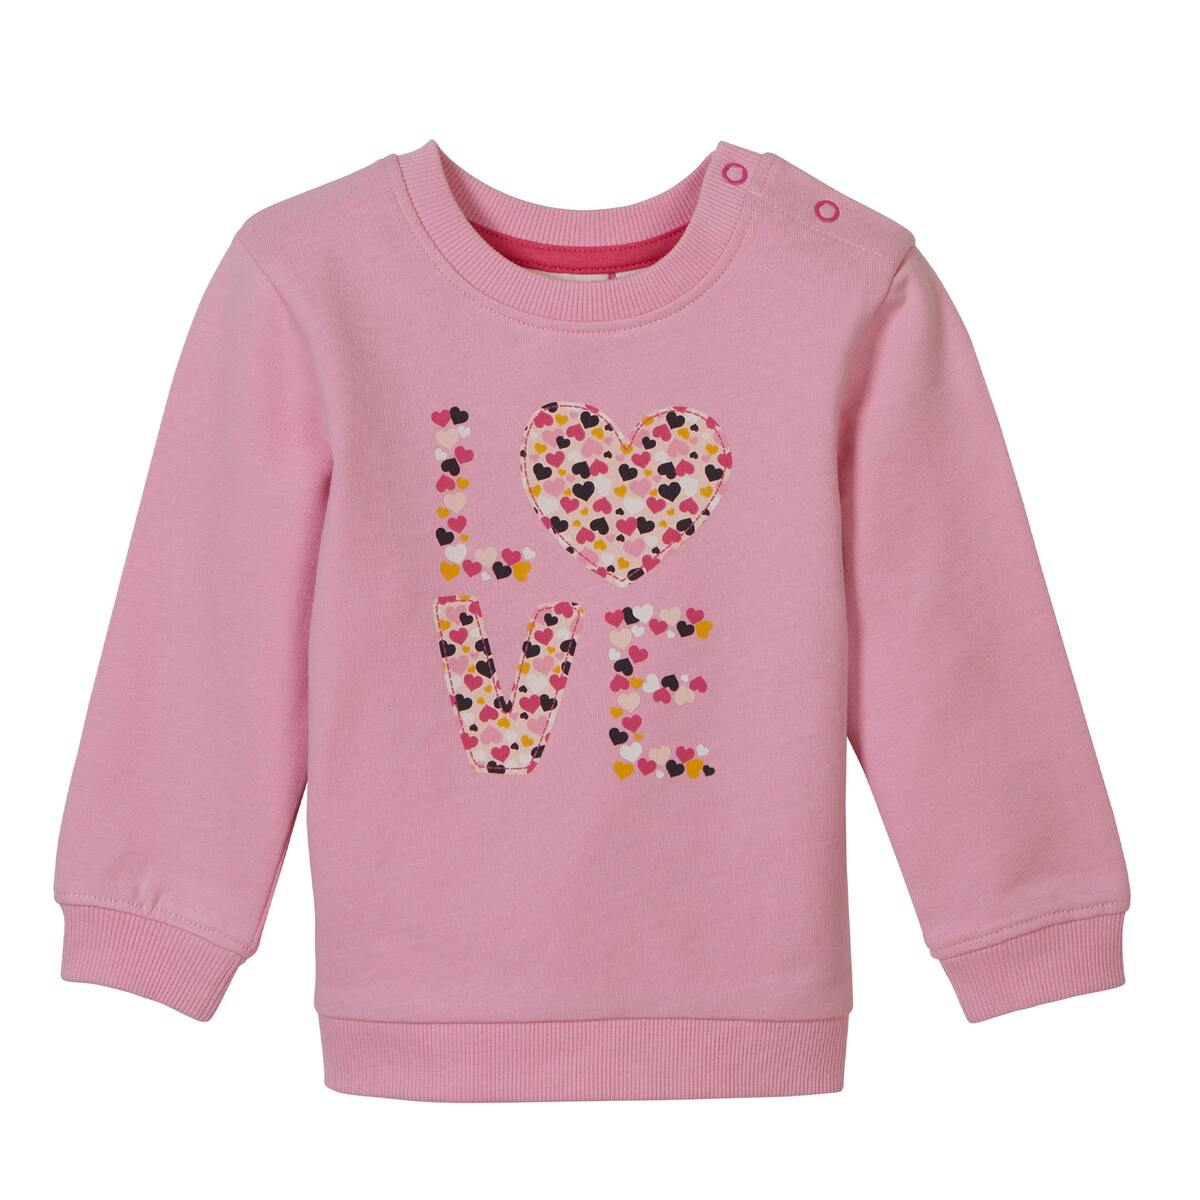 Bild 2 von Baby-Mädchen-Sweatshirt mit Love-Aufdruck